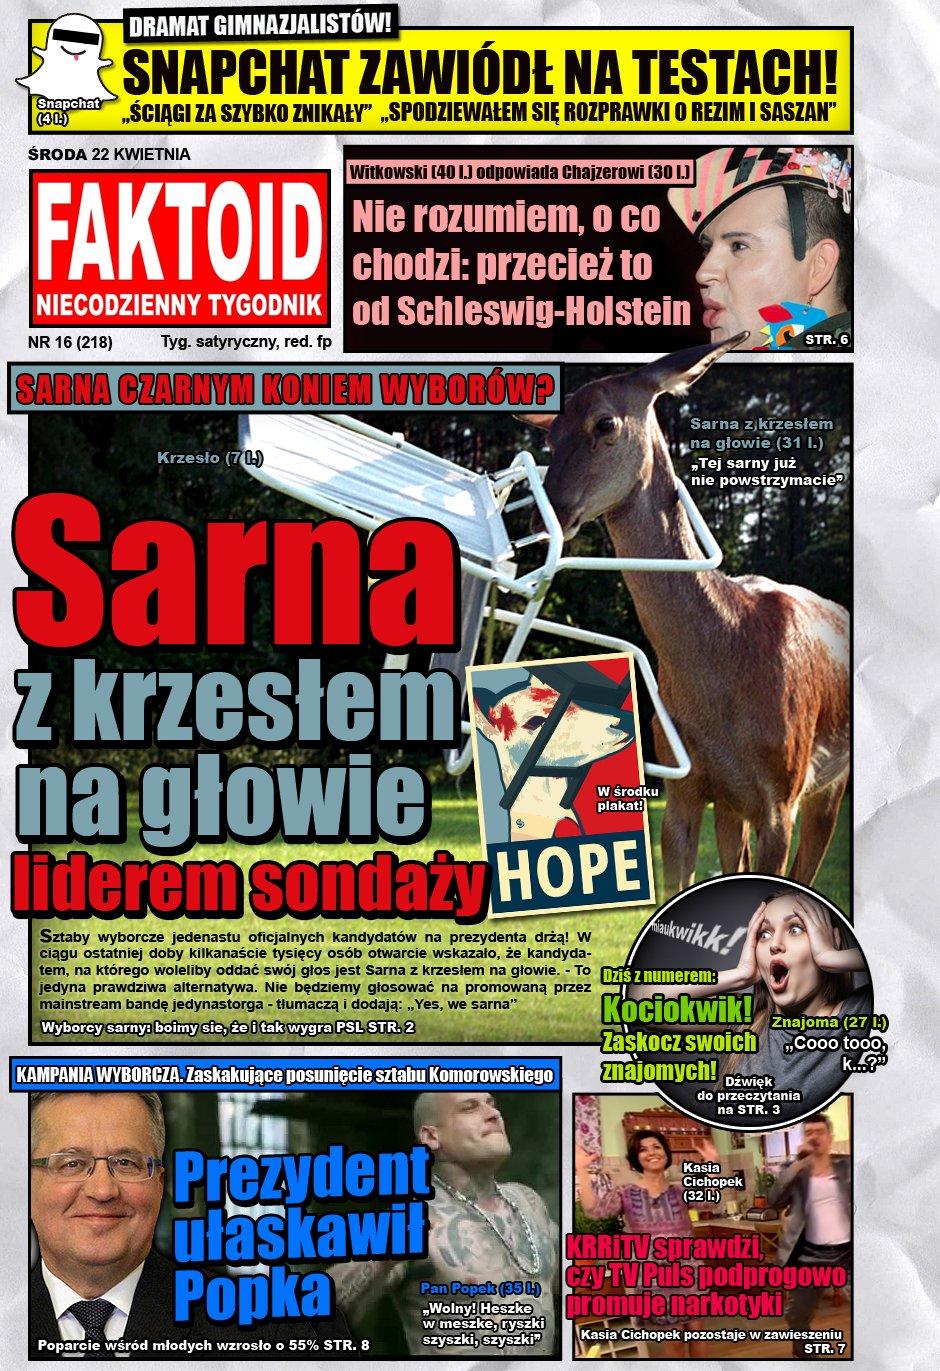 Faktoid: Sarna z krzesłem na głowie liderem sondaży - Szok! Sarna z krzesłem na głowie liderem sondaży - Gazeta.pl